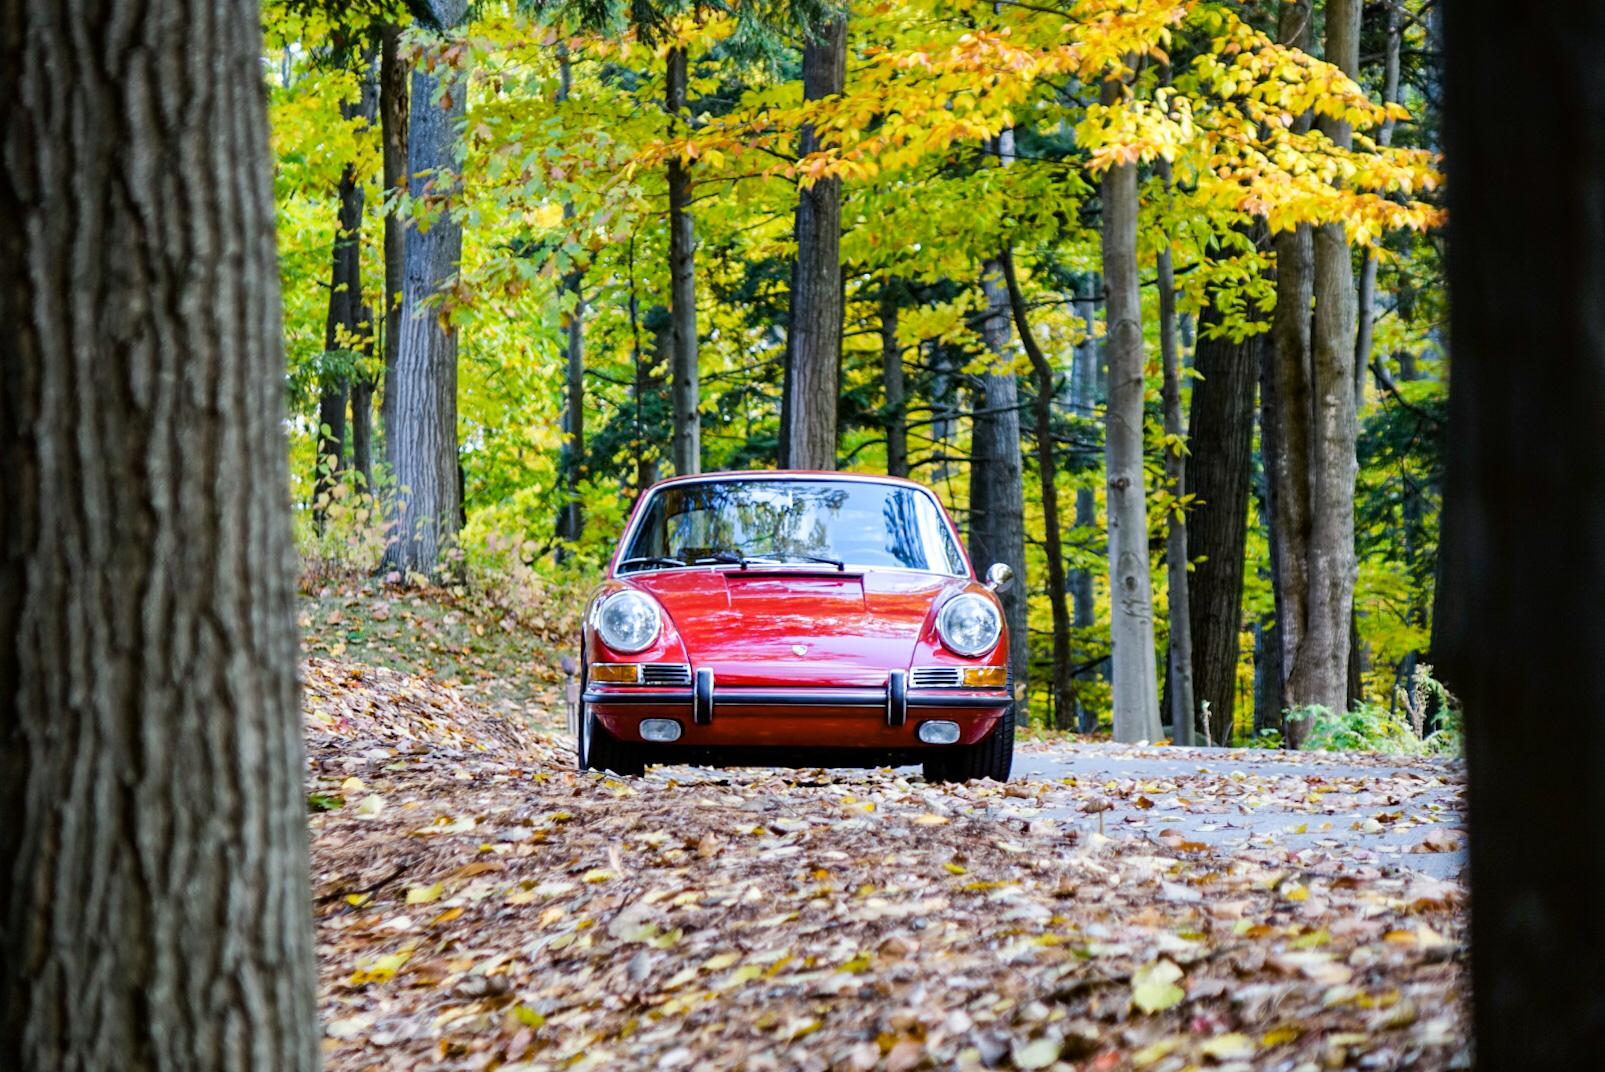 McKeel Hagerty's 1967 Porsche 911S